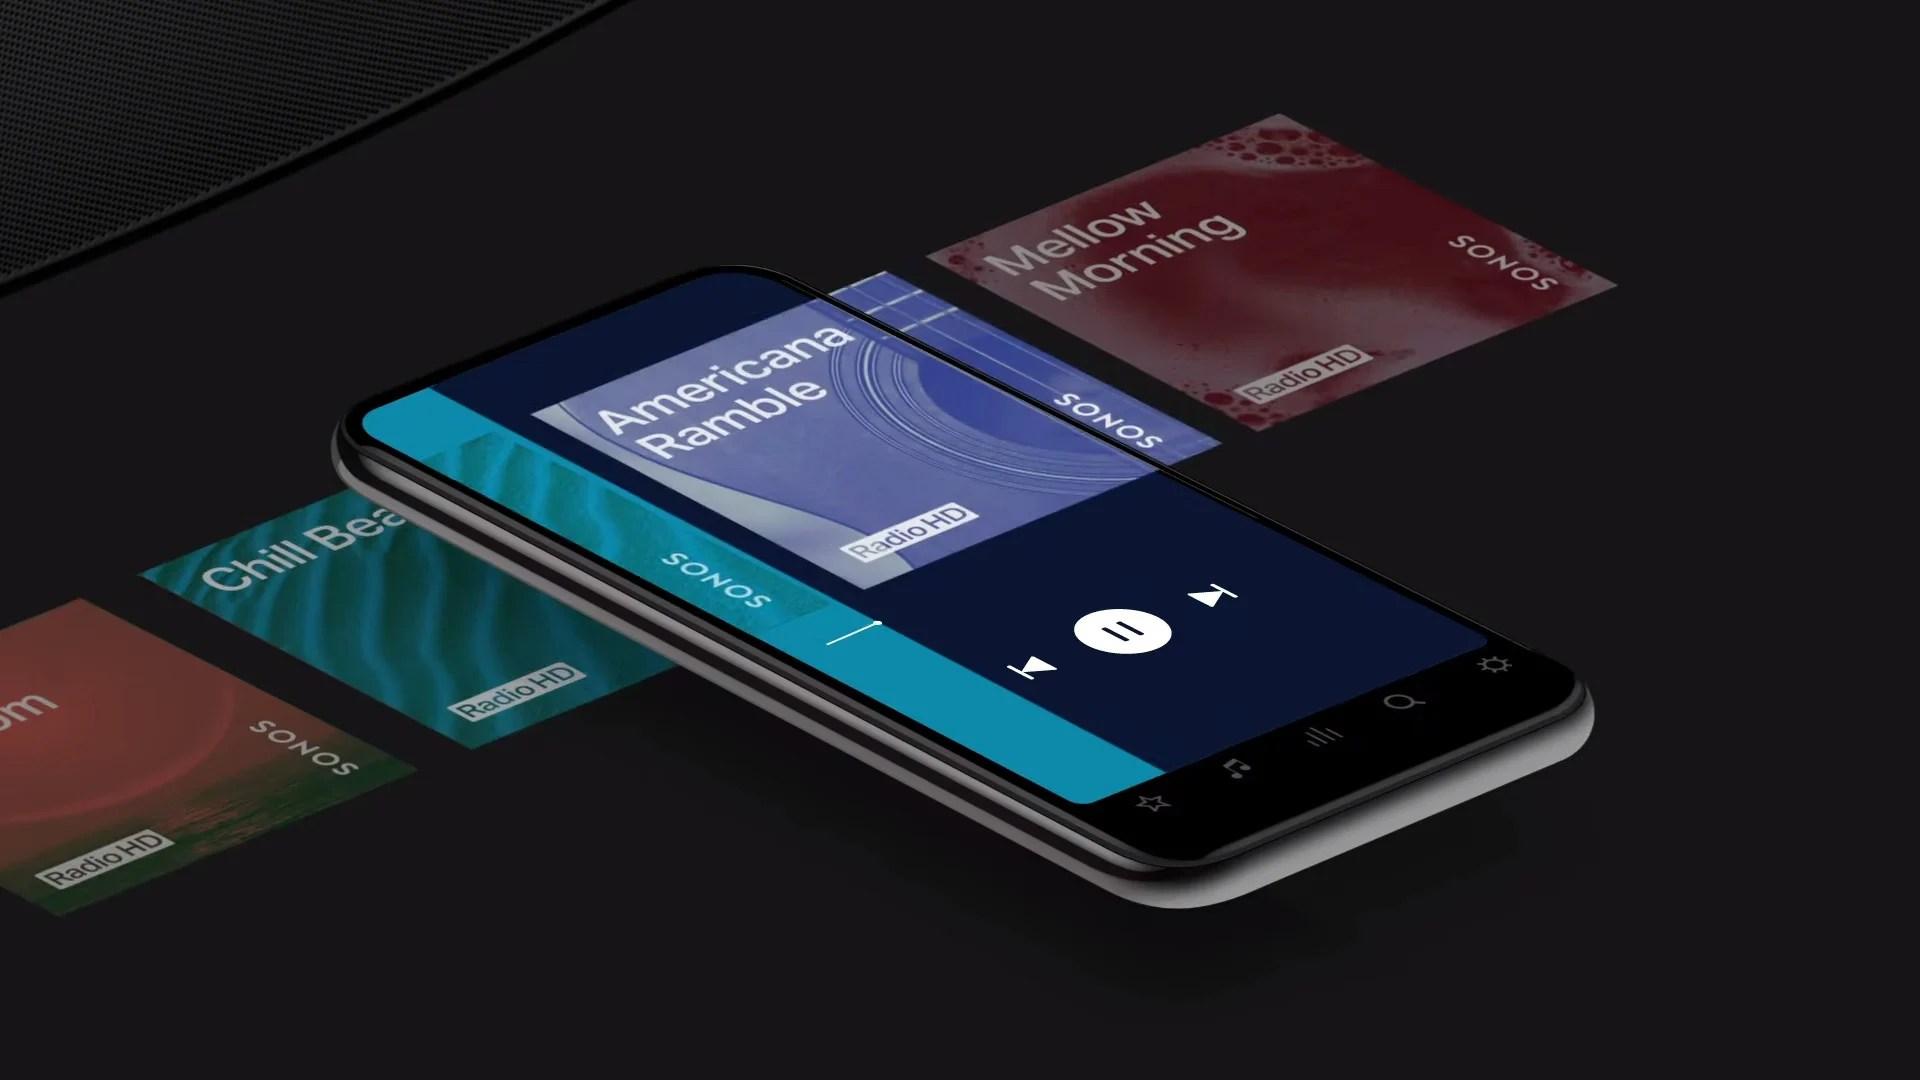 Sonos dope son offre radio avec une station française et un service payant